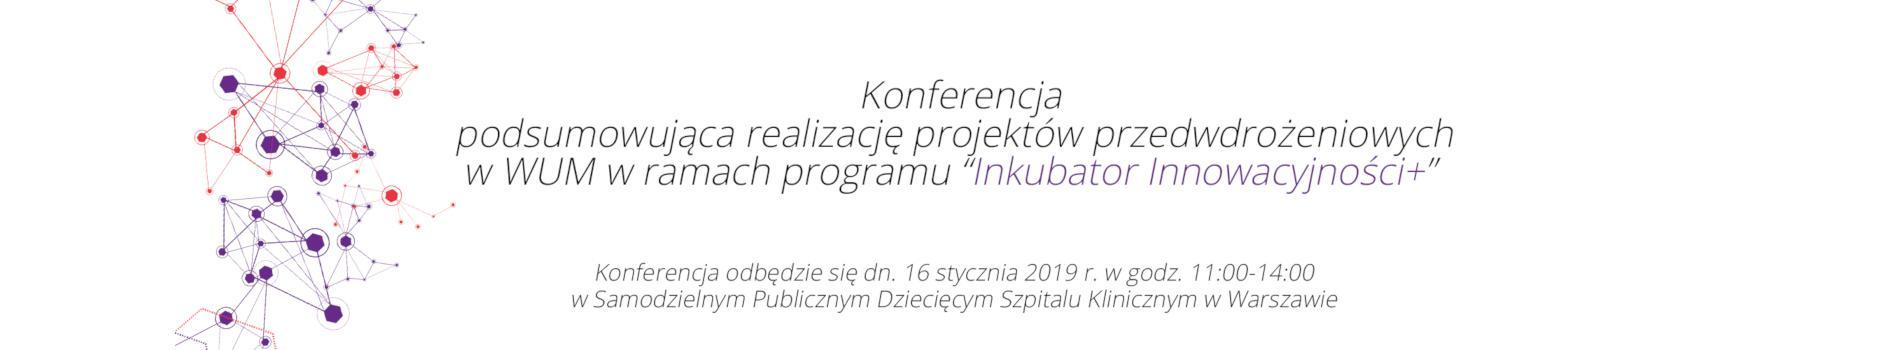 Konferencja - podsumowanie projektu